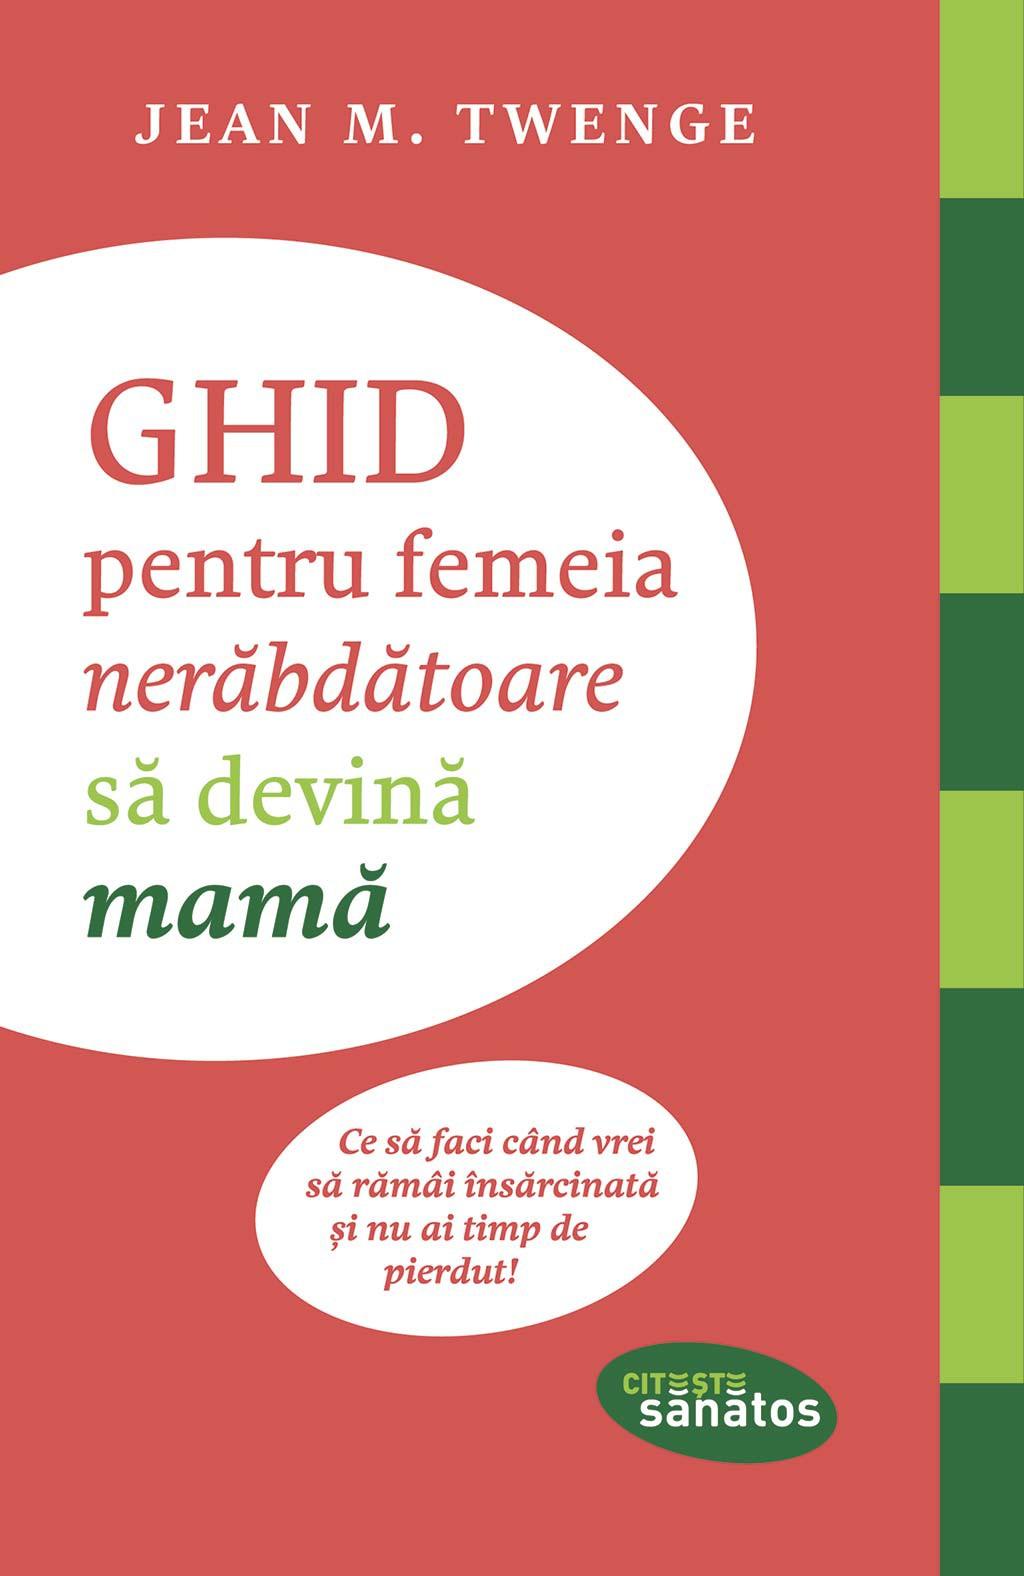 Ghid pentru femeia nerabdatoare sa devina mama (eBook) pdf pret librarie elefant oferta